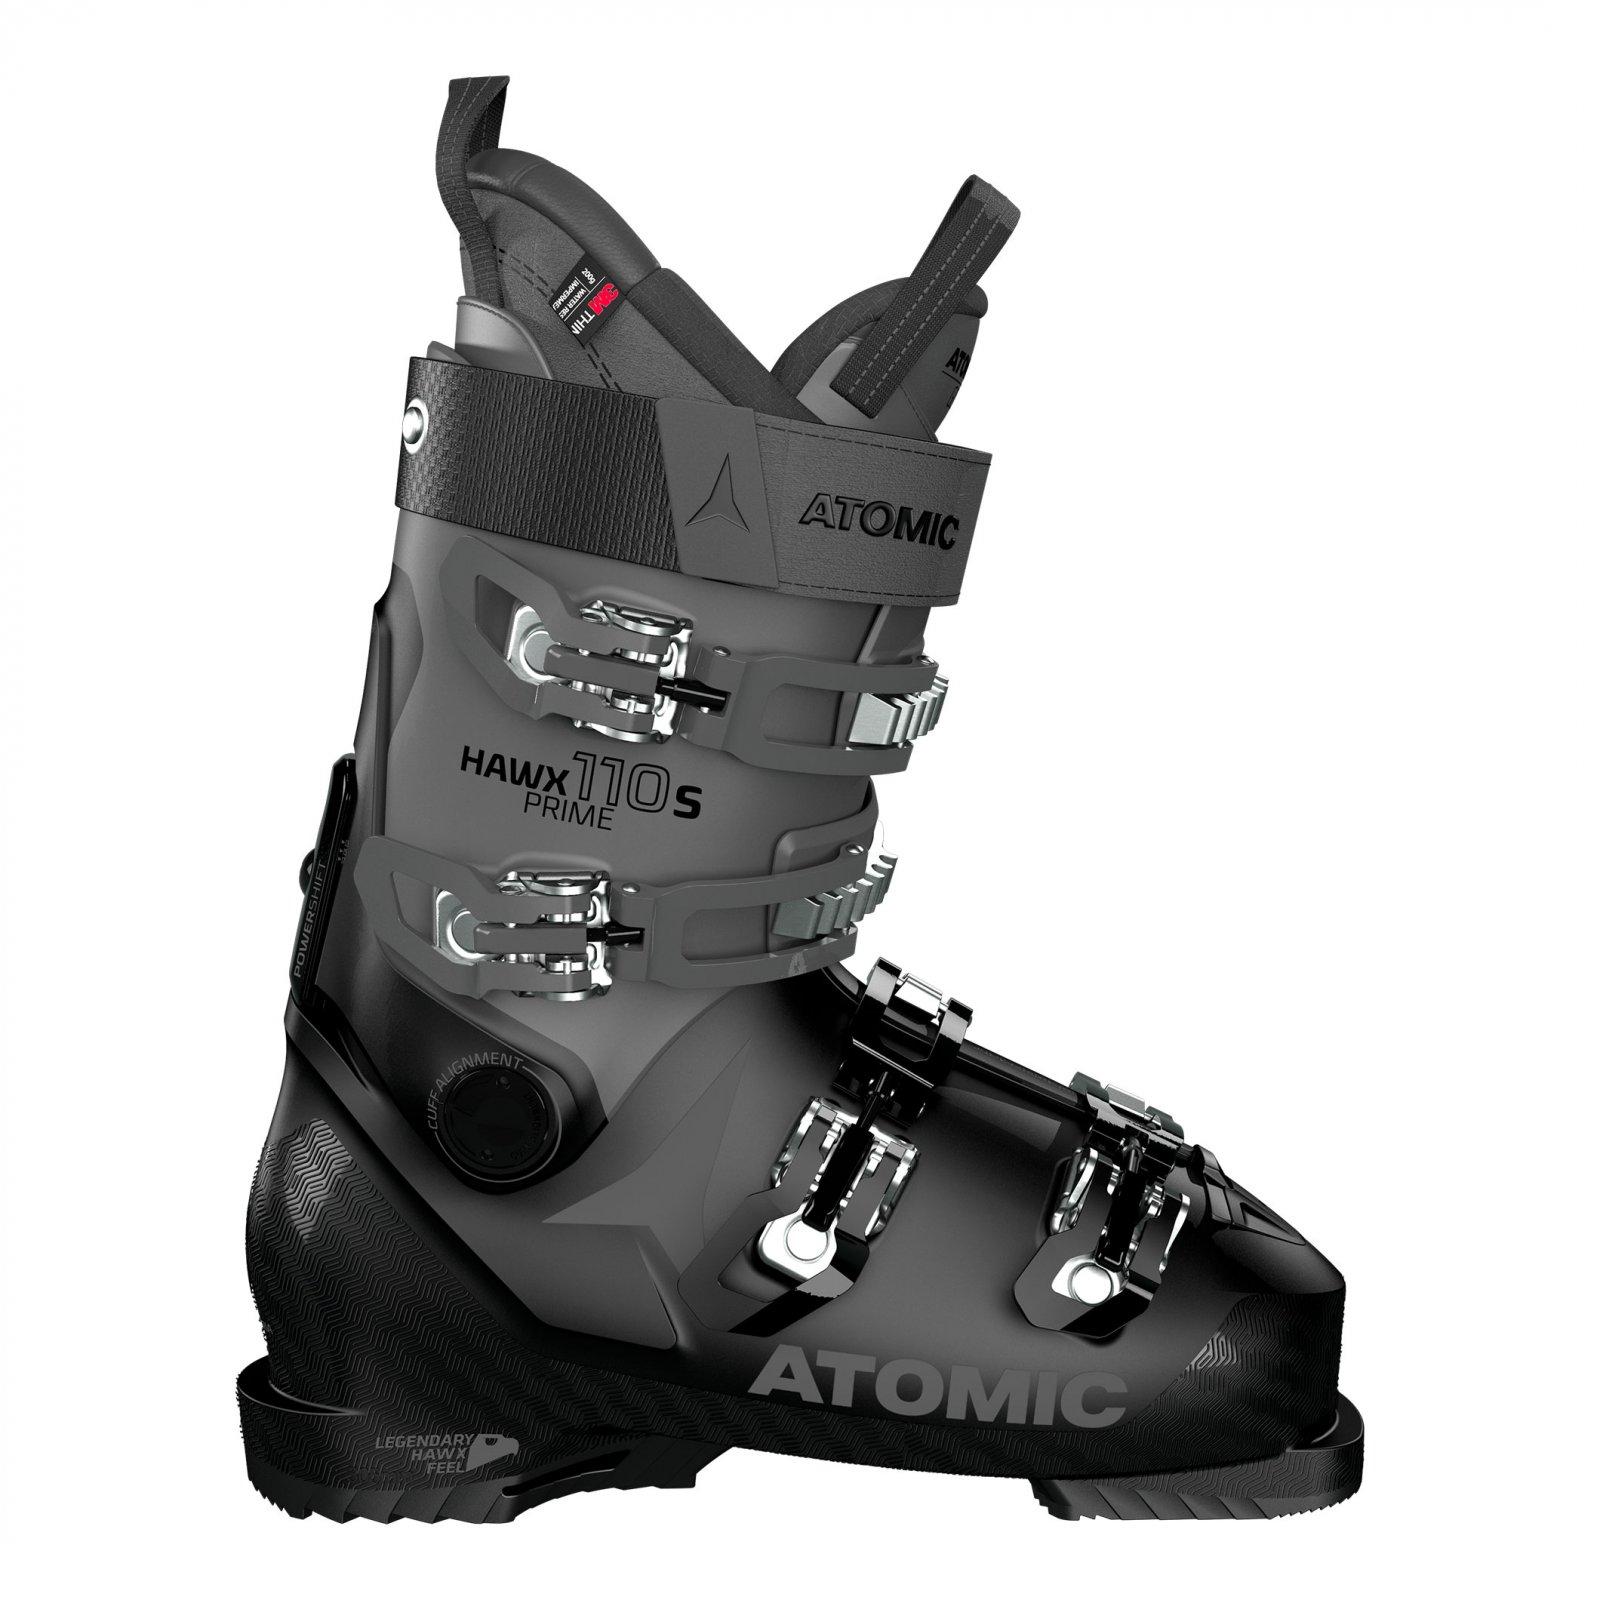 2021 Atomic Hawx Prime 110 S Men's Ski Boots